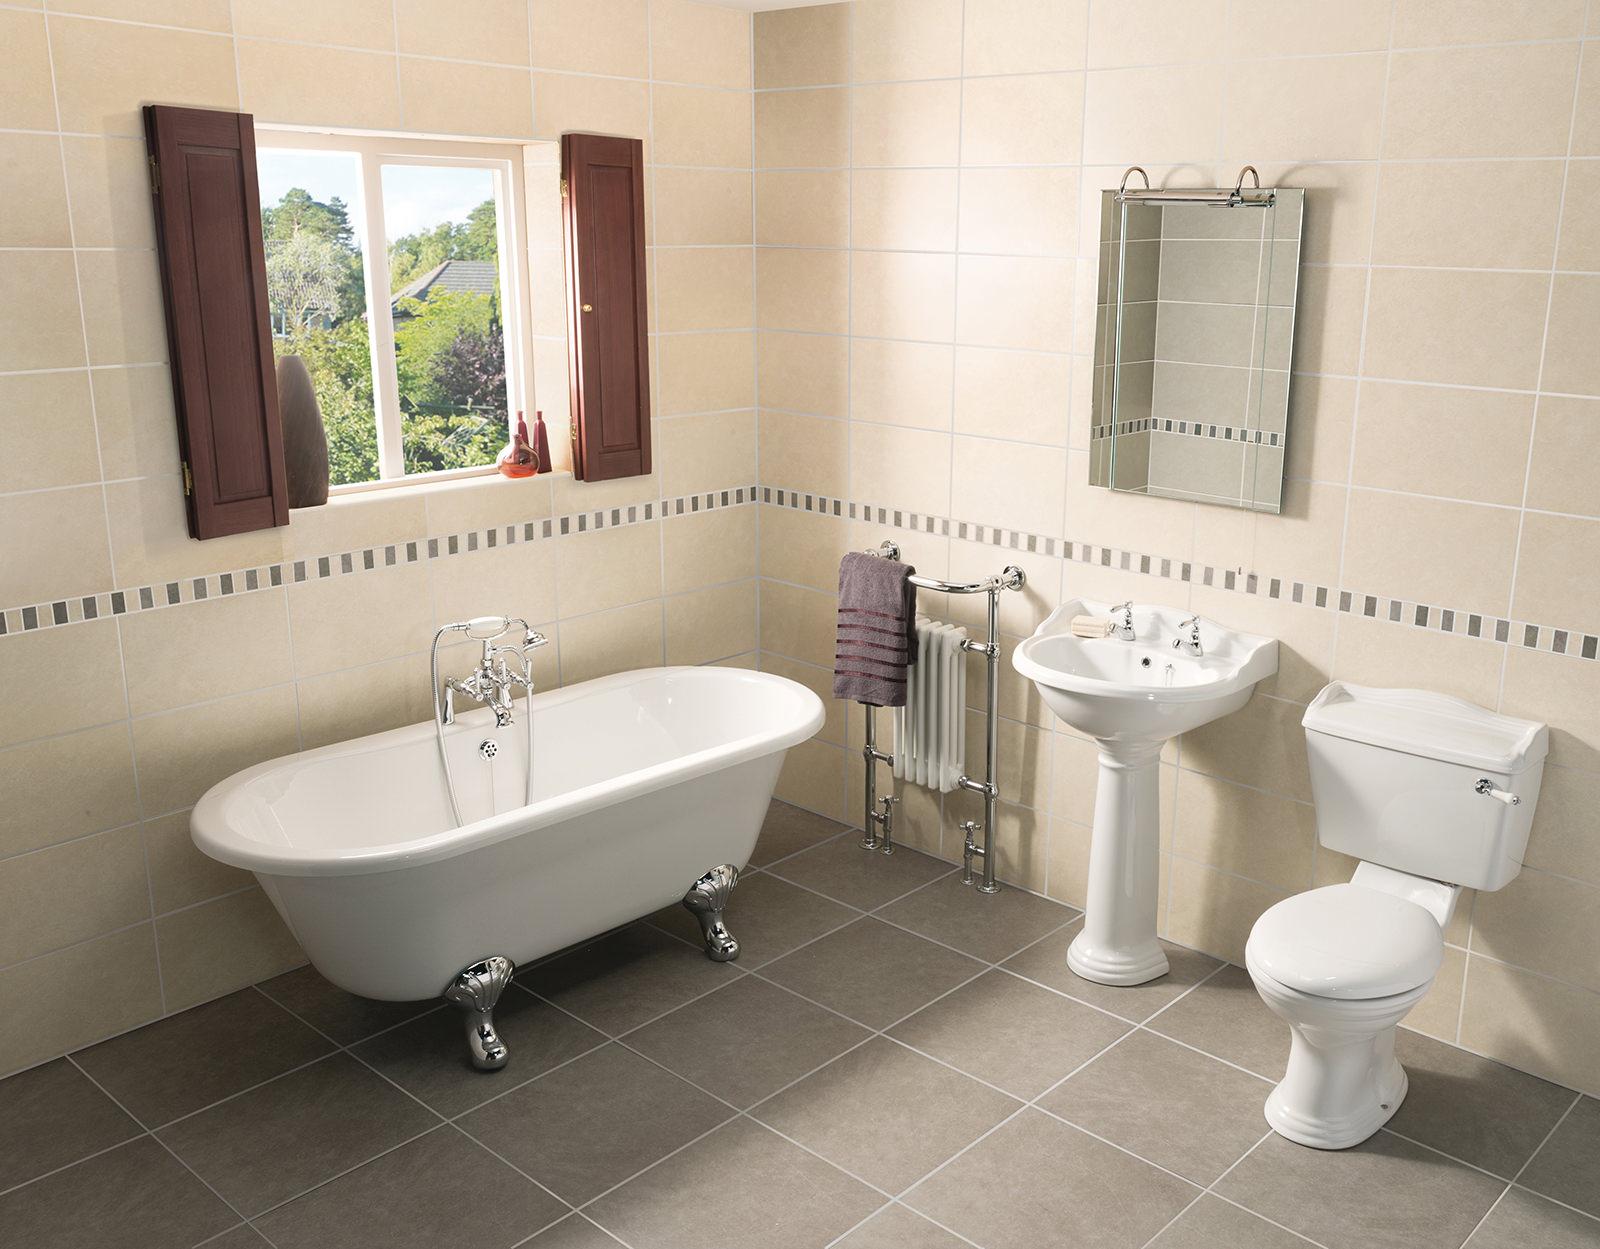 Beo regent traditional bathroom suite nca101 nca100 nts901 for Traditional bathroom photos